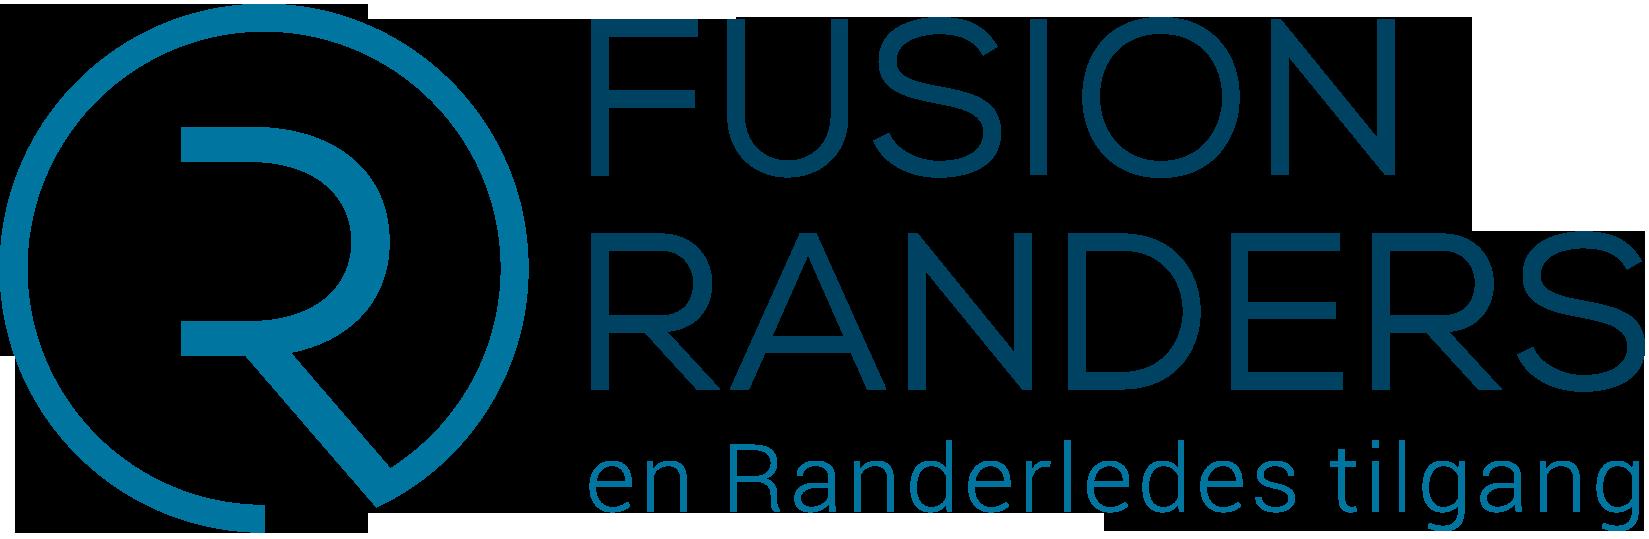 Fusion Randers